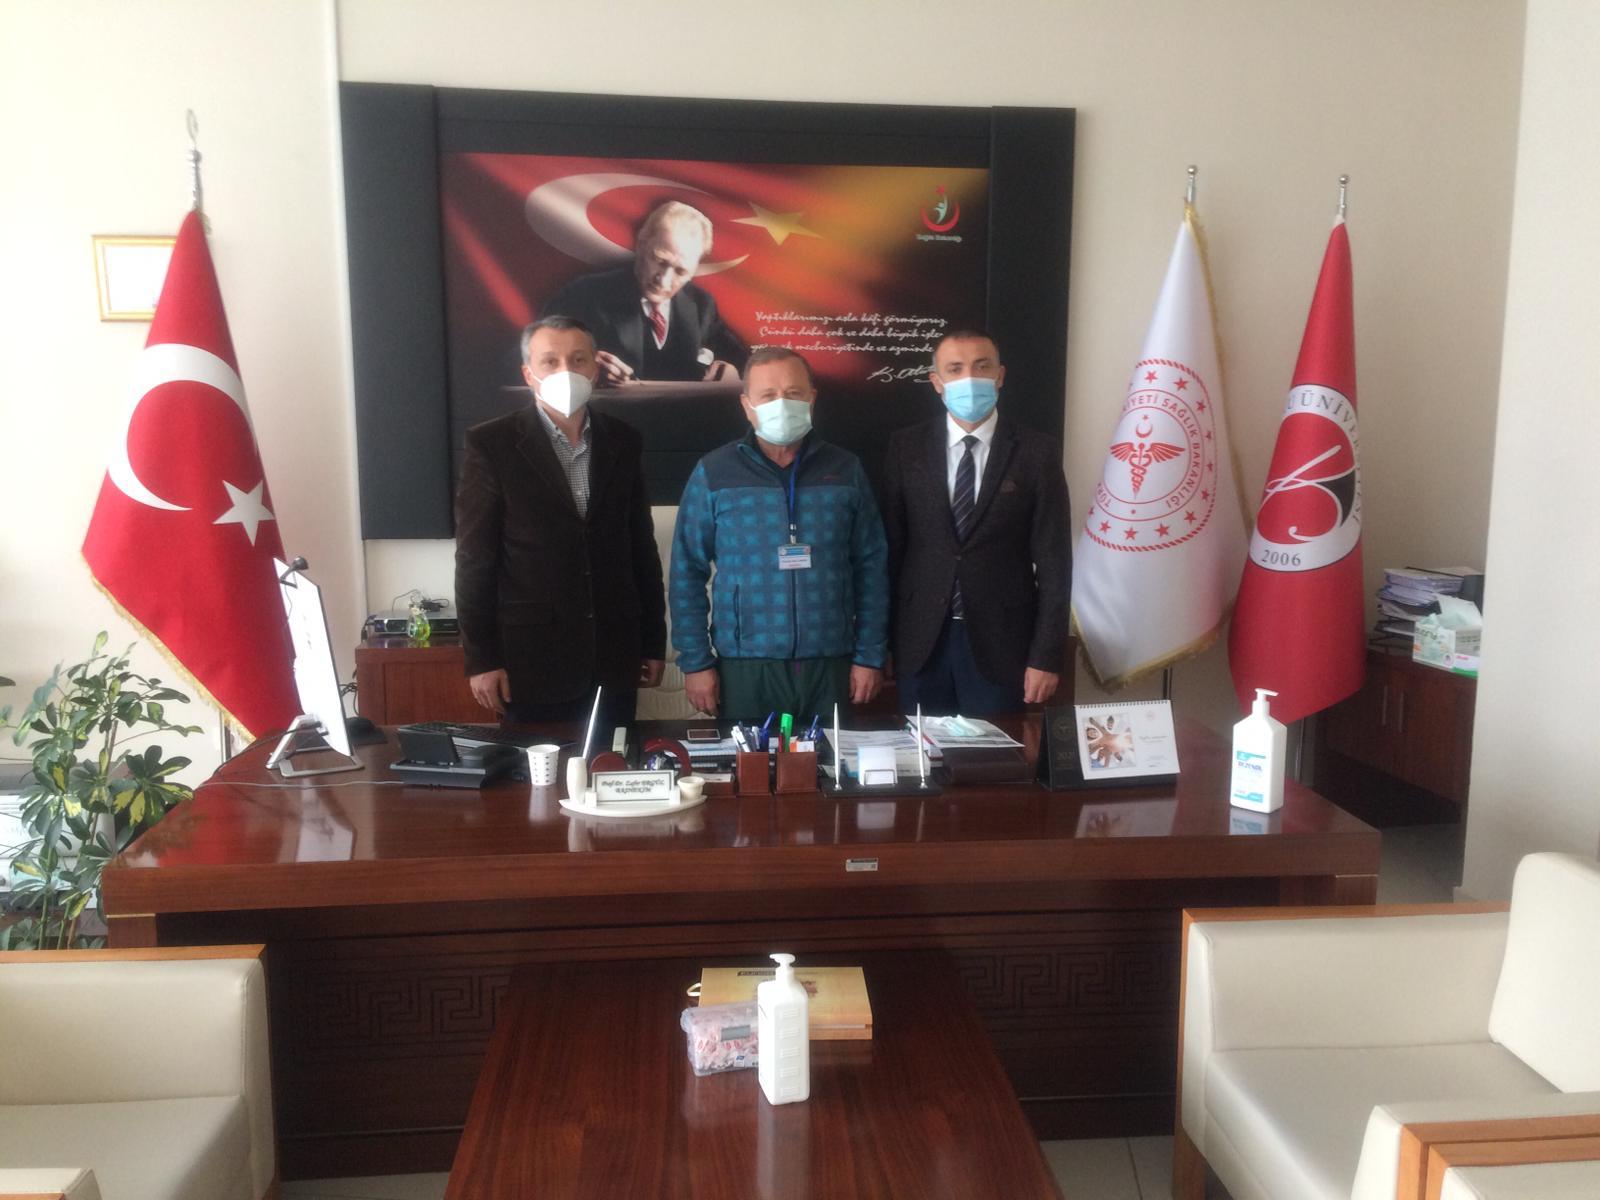 Özel Anadolu'dan KEAH'a ziyaret: Hastane kardeşliği